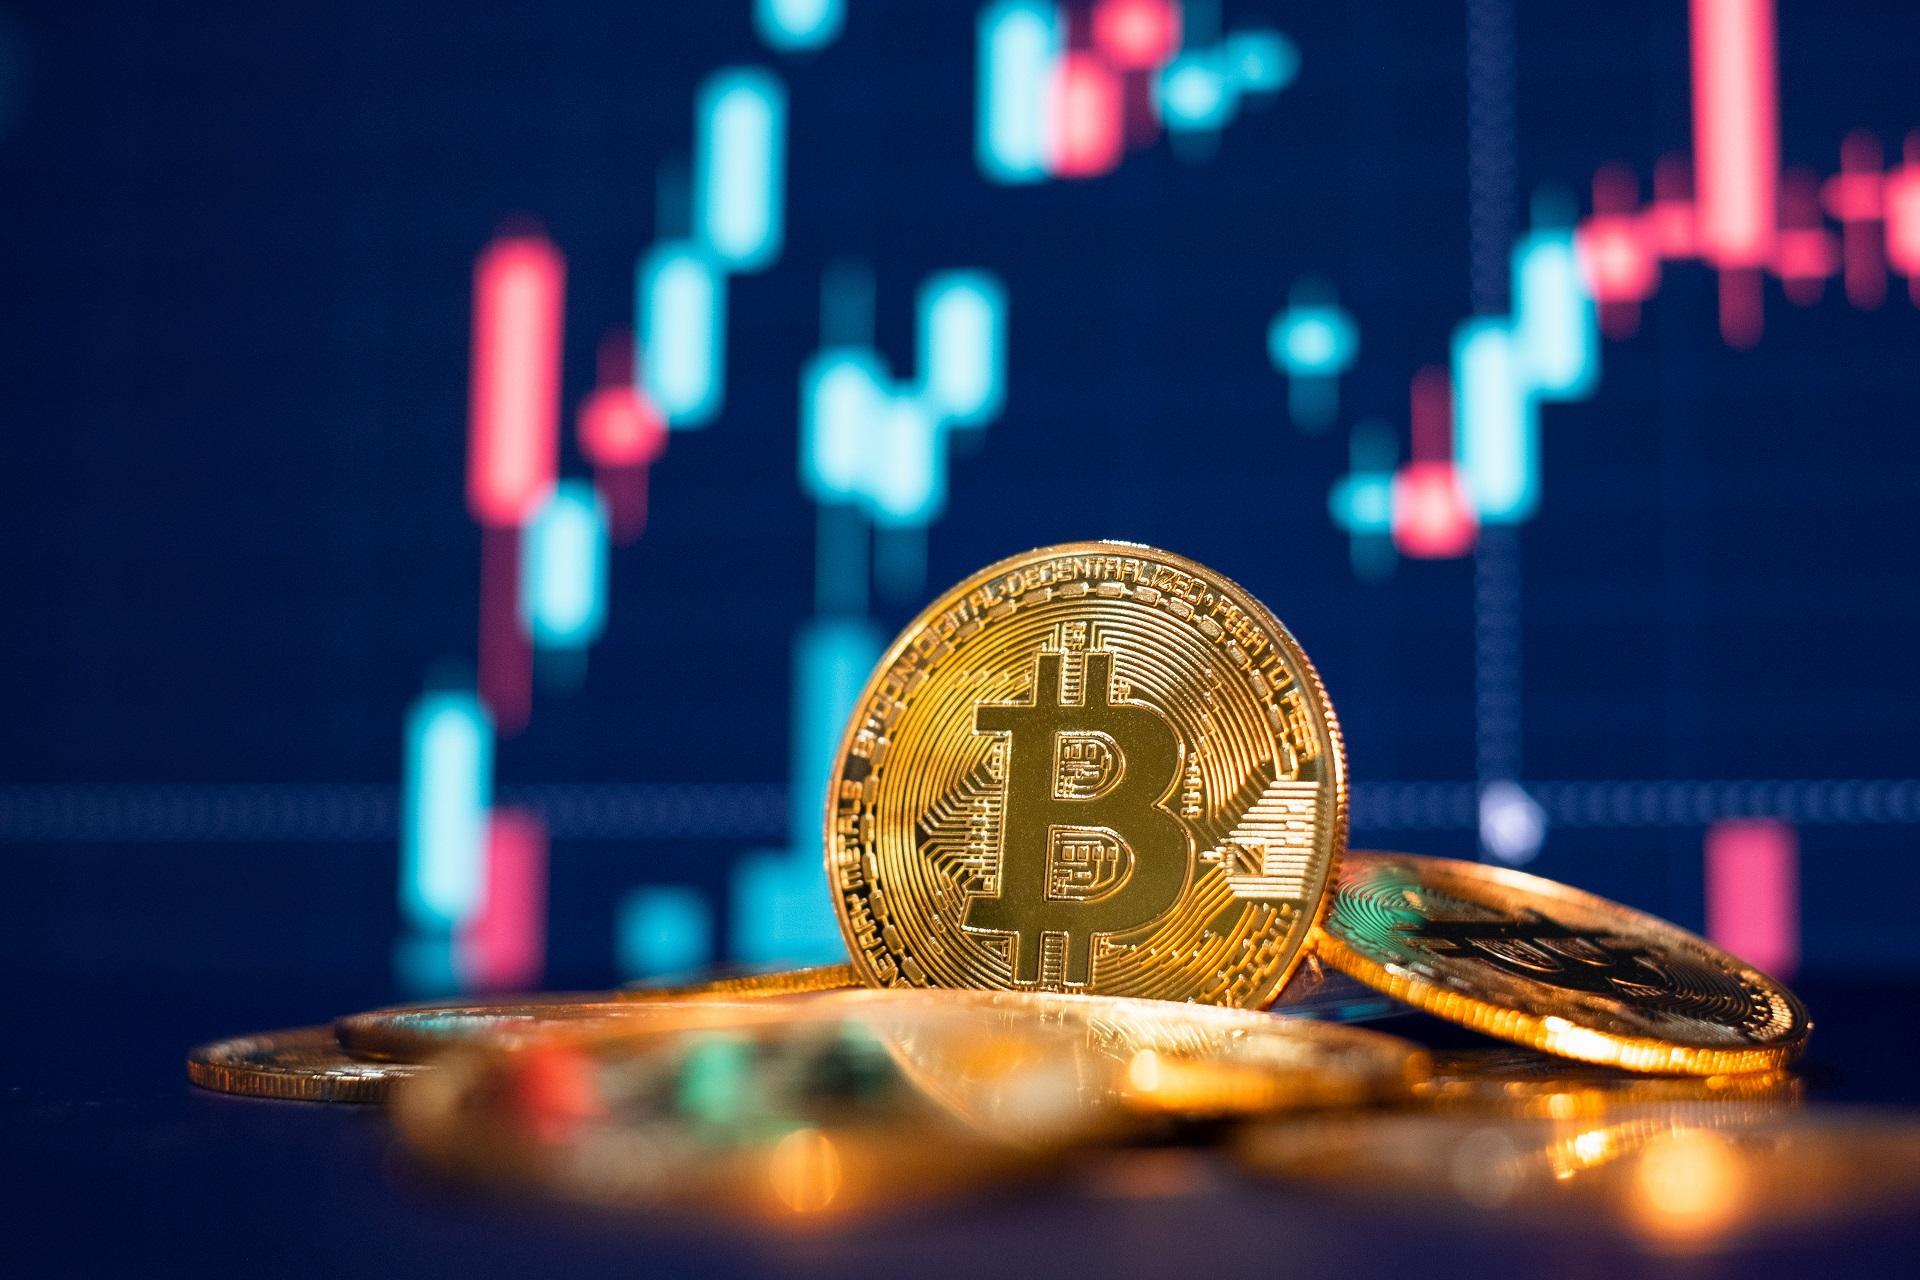 Bitcoin, încotro? Fluctuaţii de 20-25%, probabile în perioada următoare